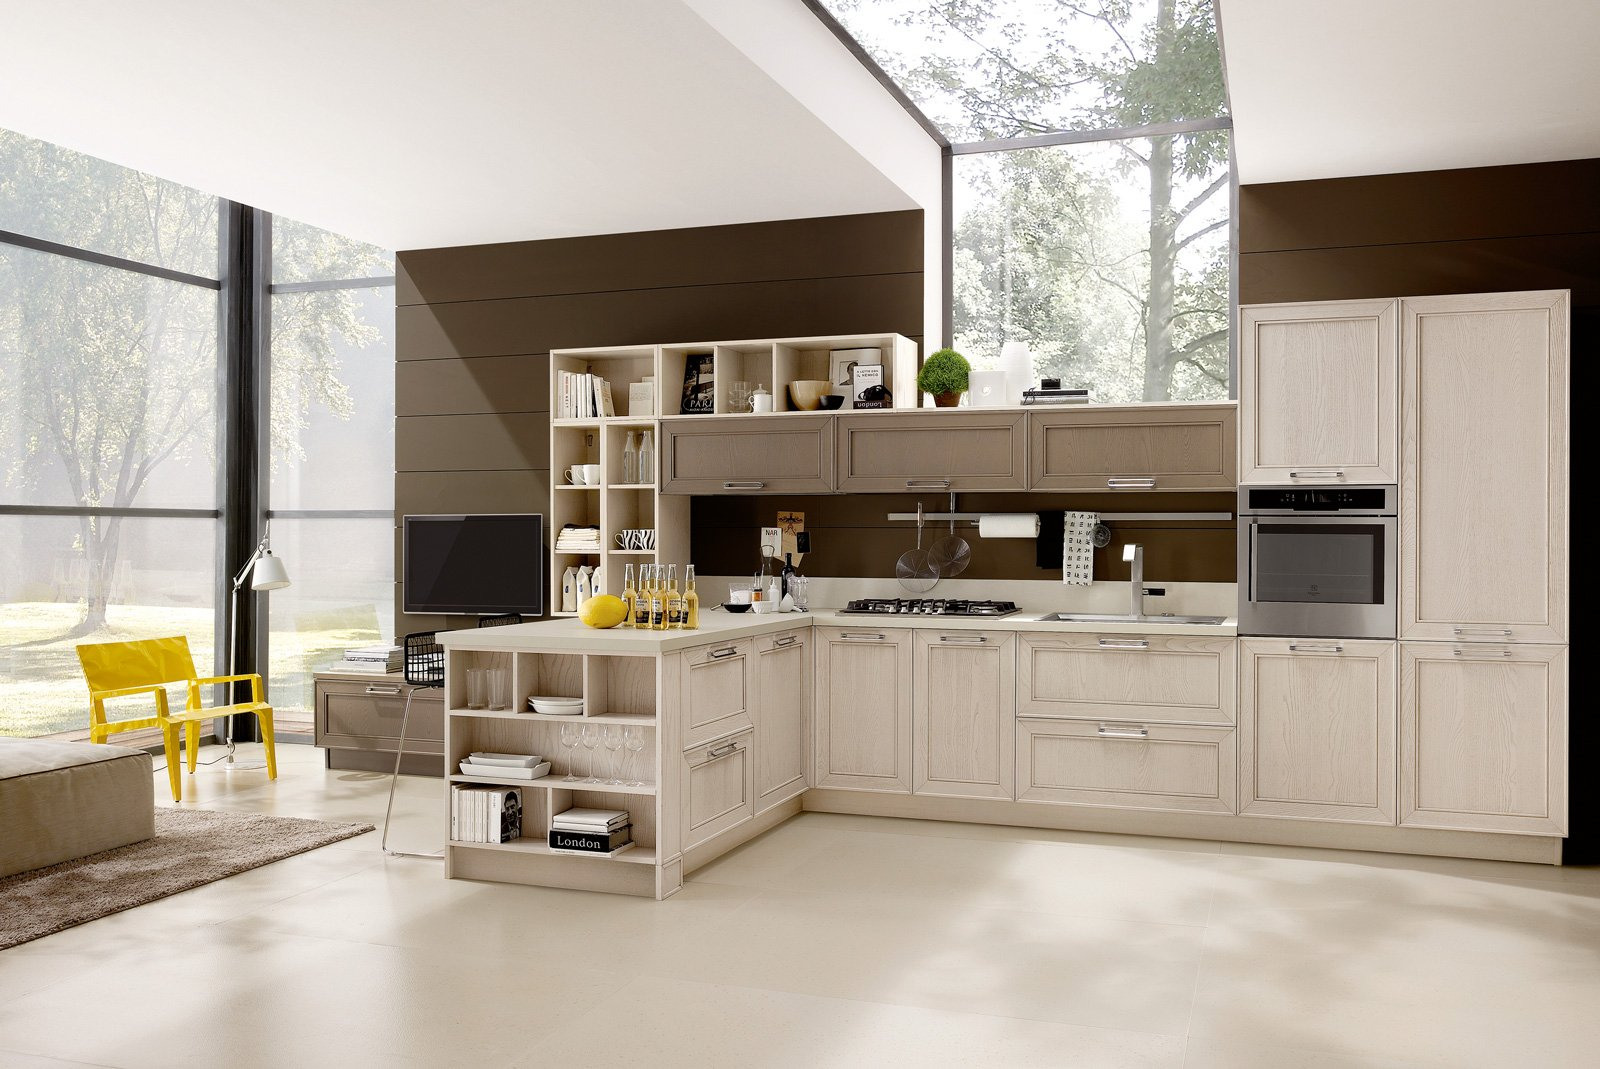 Arredamento cucine piccole cose di casa - Disegni di cucine ...